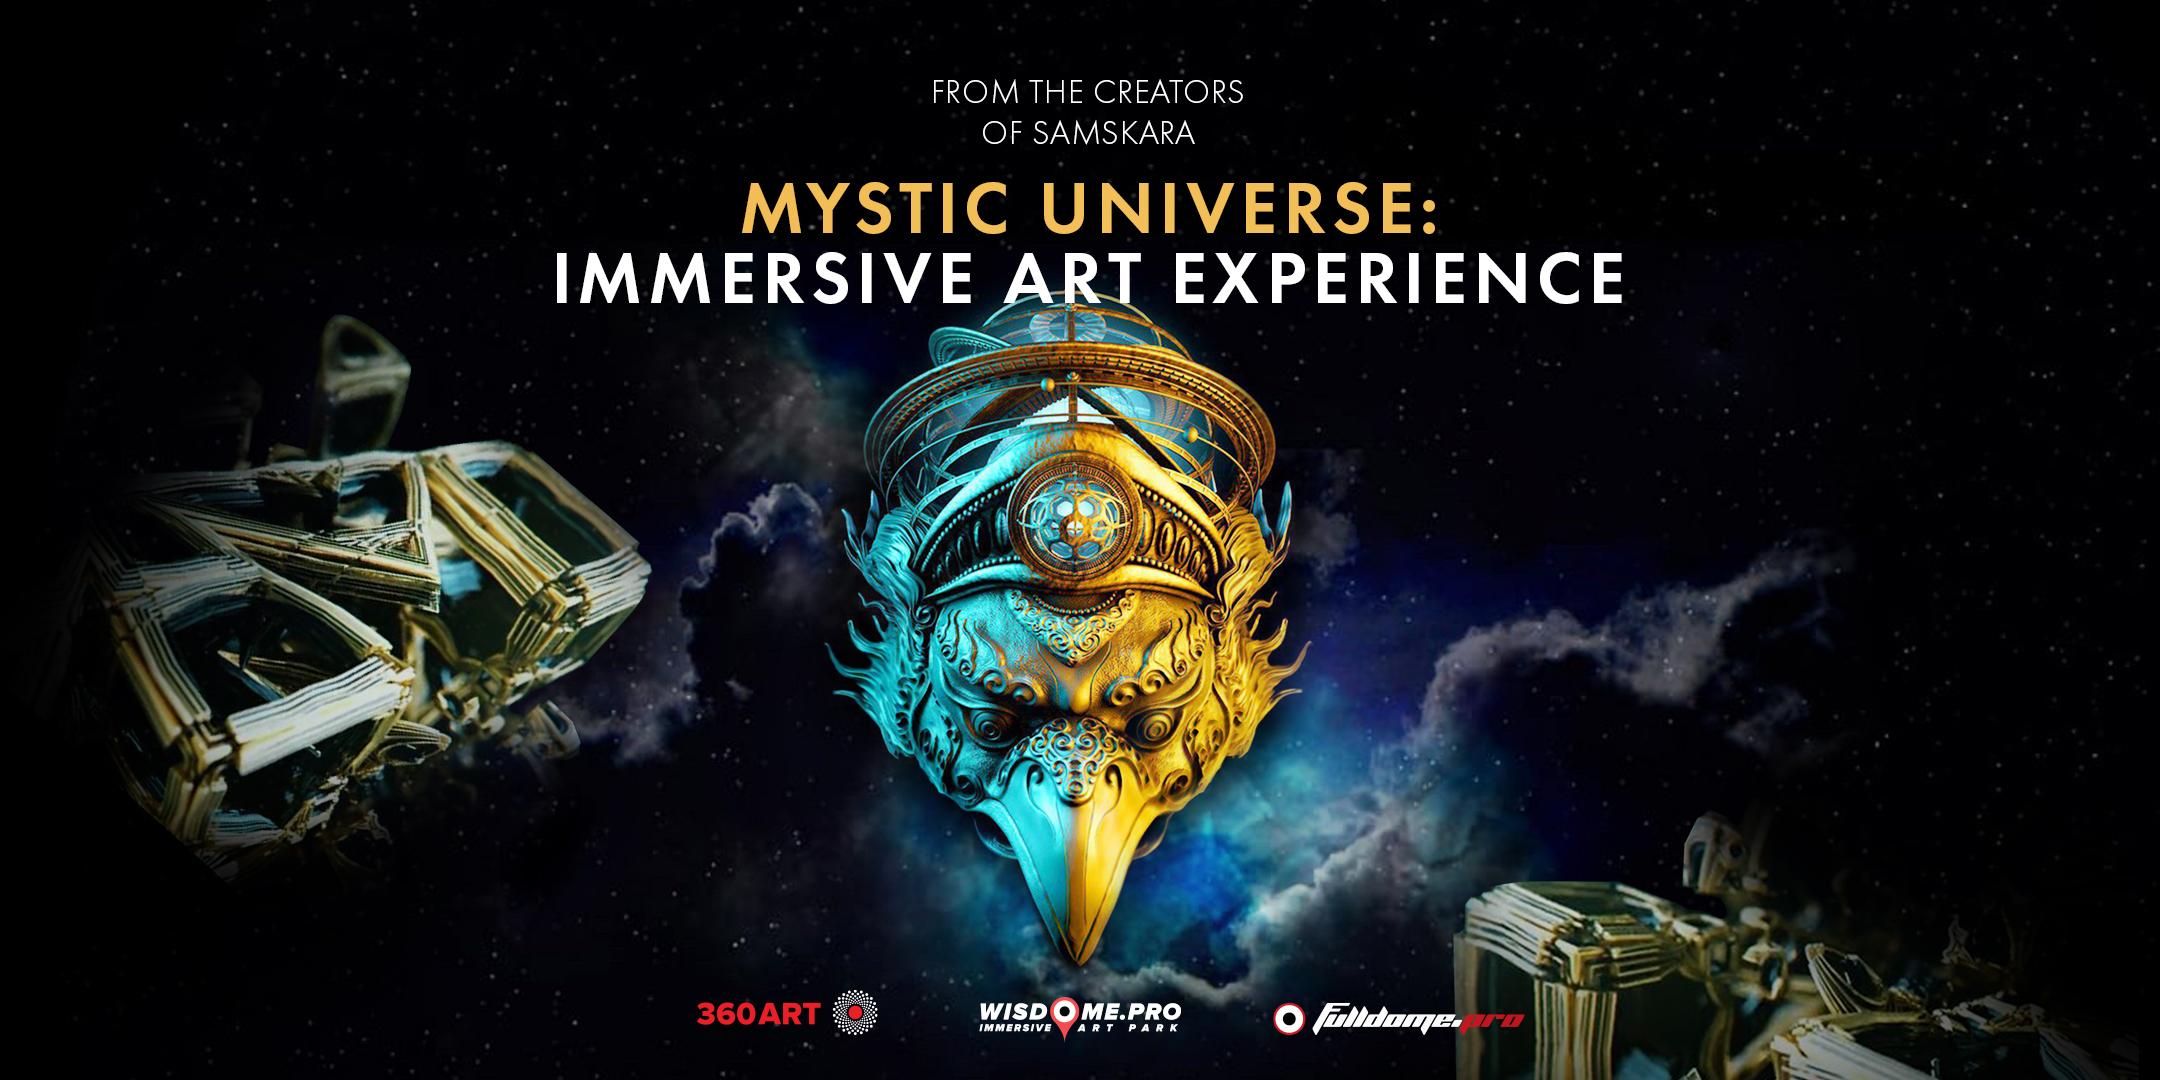 Wisdome LA - Mystic Universe Flyer